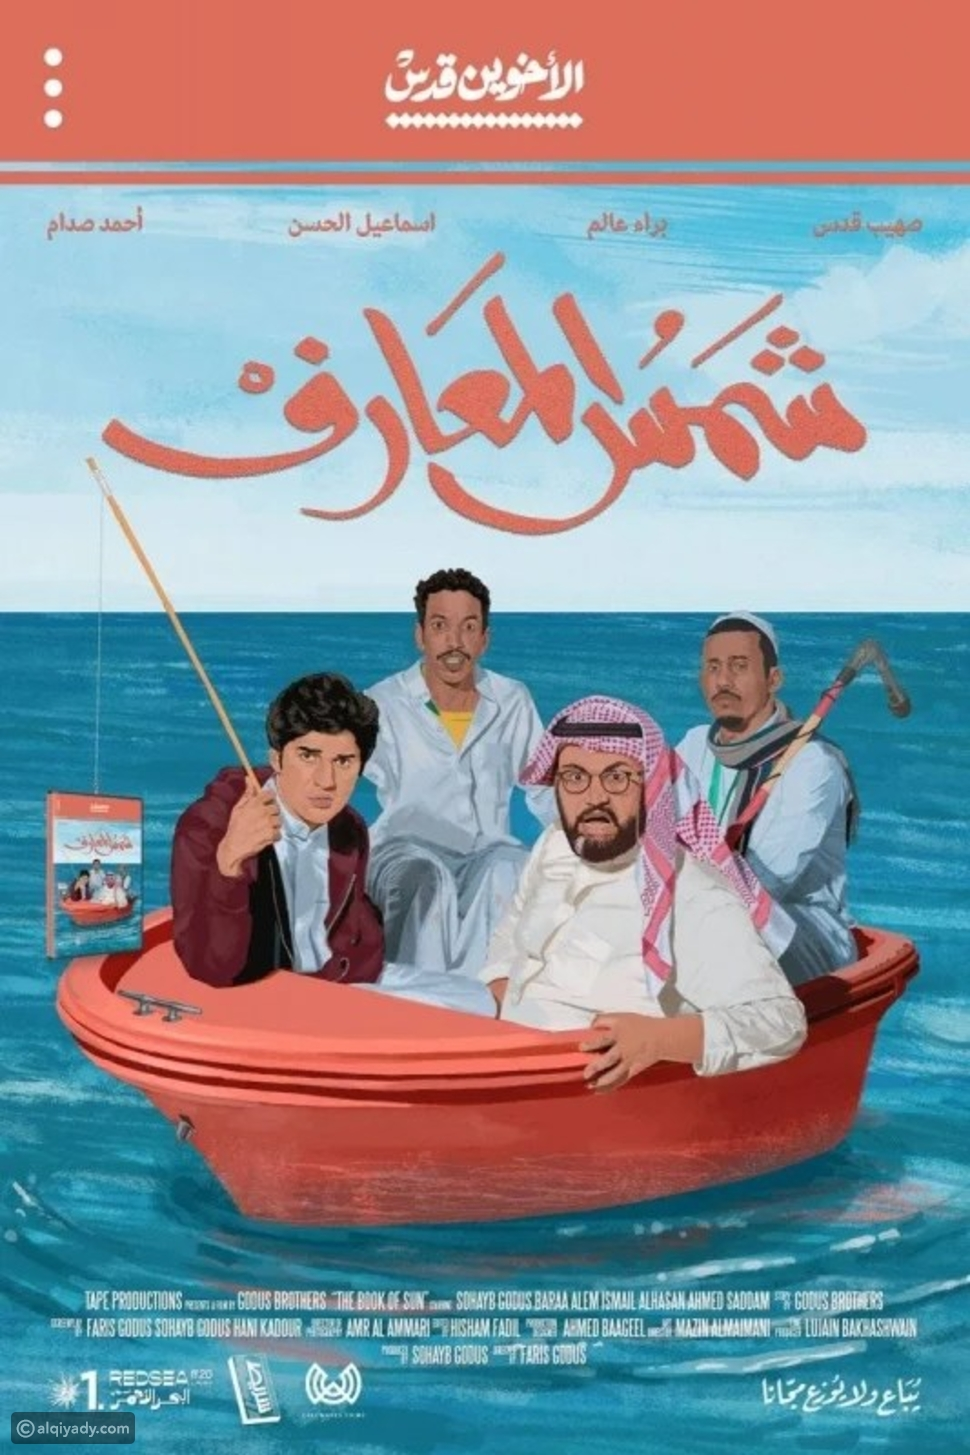 شمس المعارف: فيلم رعب كوميدي سعودي جديد على نتفليكس